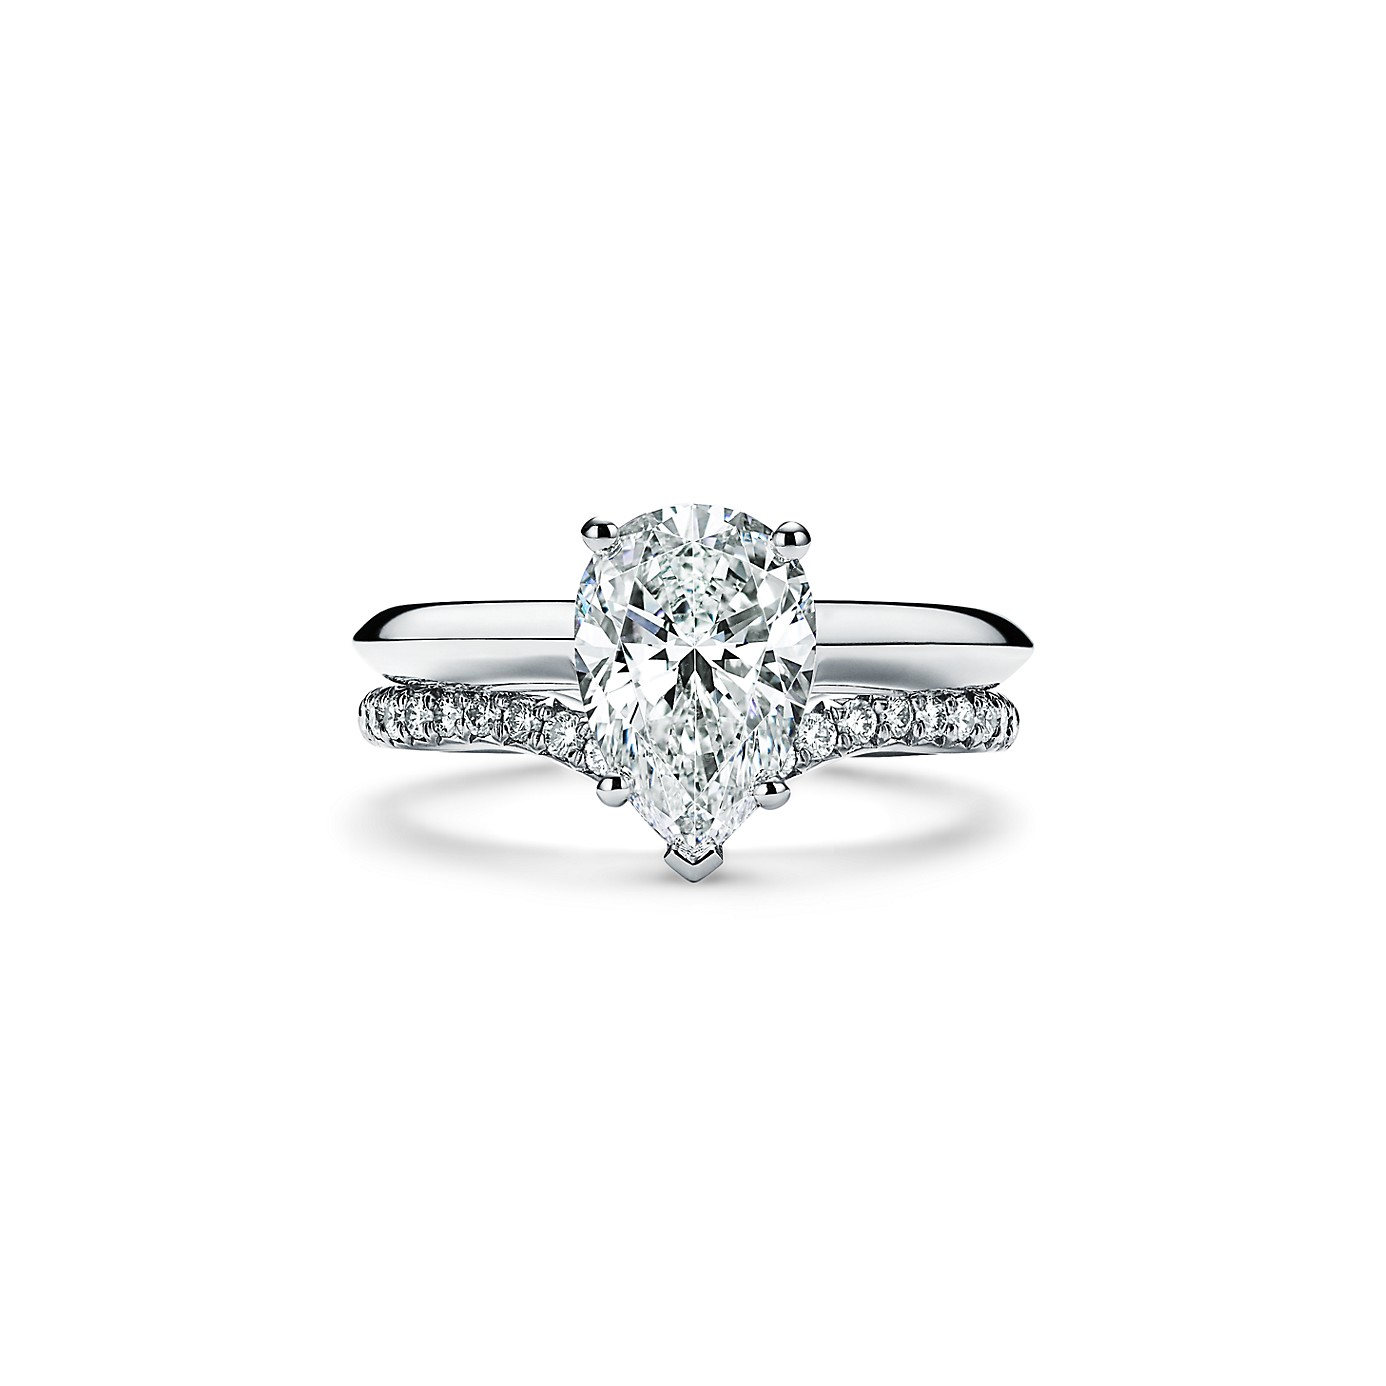 ペアシェイプ ダイヤモンド エンゲージメント リング(4)―Tiffany & Co.(ティファニー)